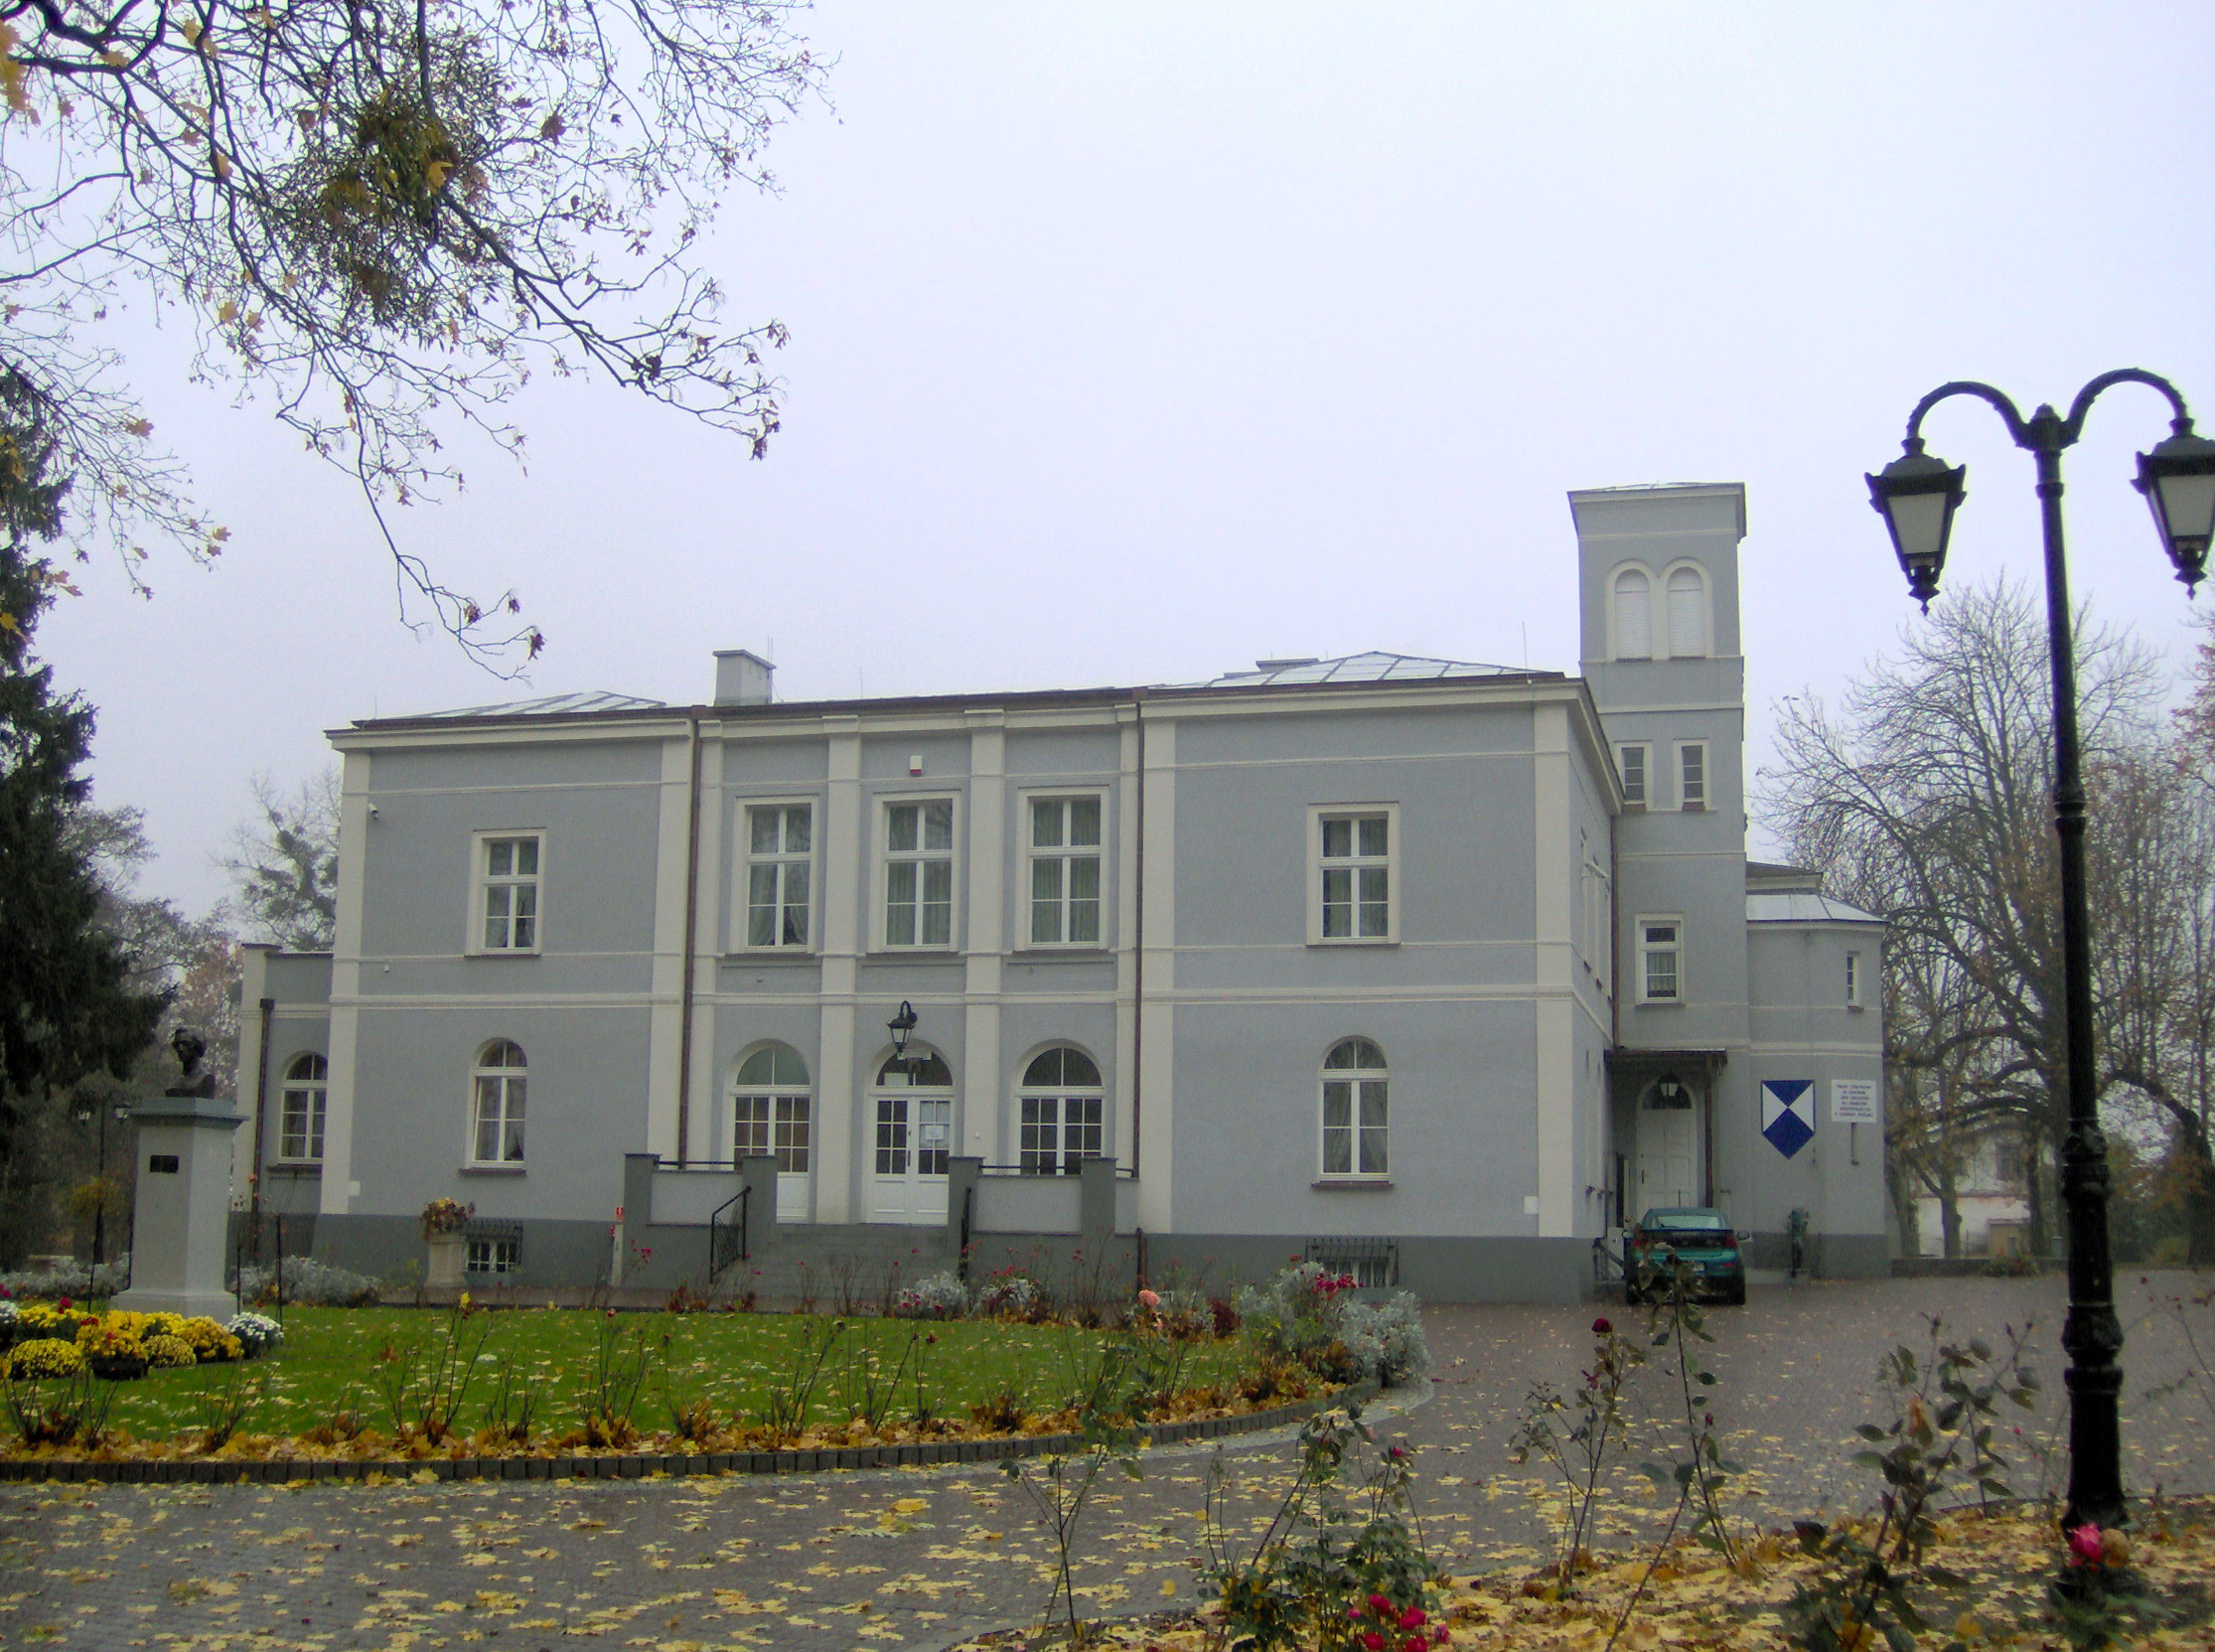 Casa en Szafarnia (Dobrzyń) donde Chopin veraneó en 1824